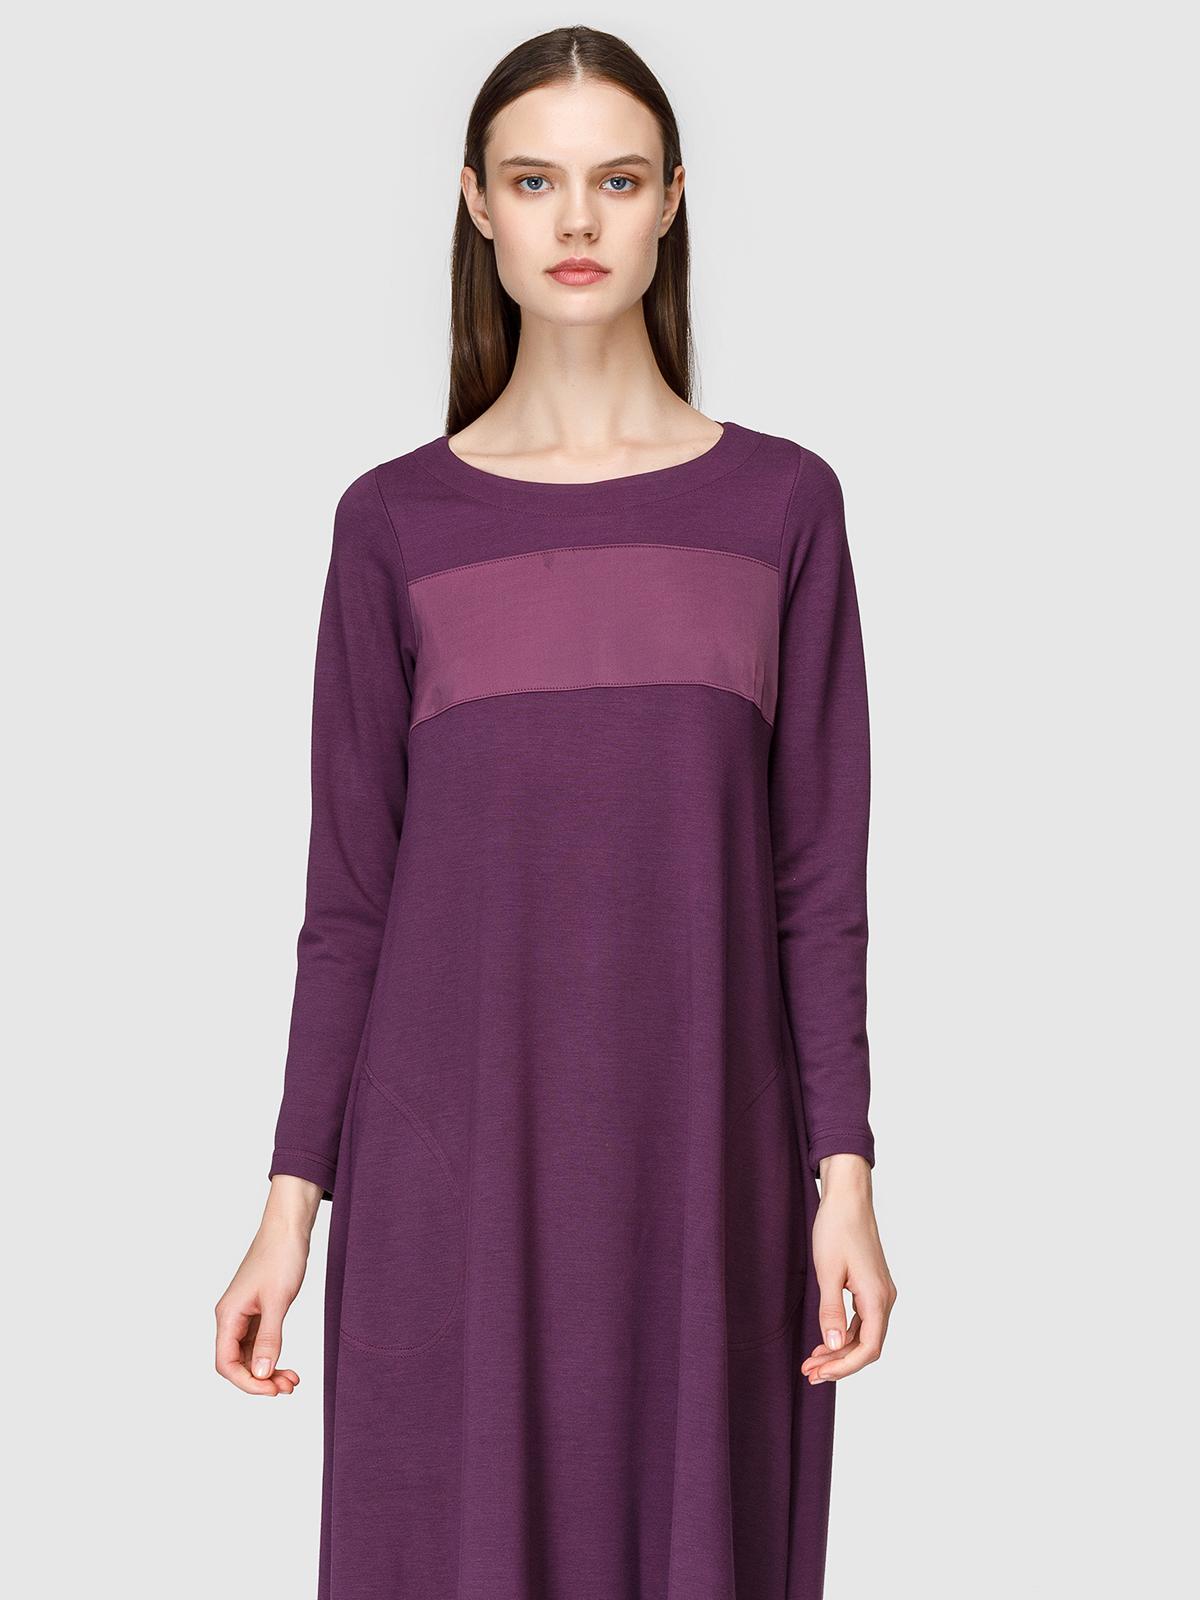 Платье женское Helmidge 8028 фиолетовое 18 UK фото